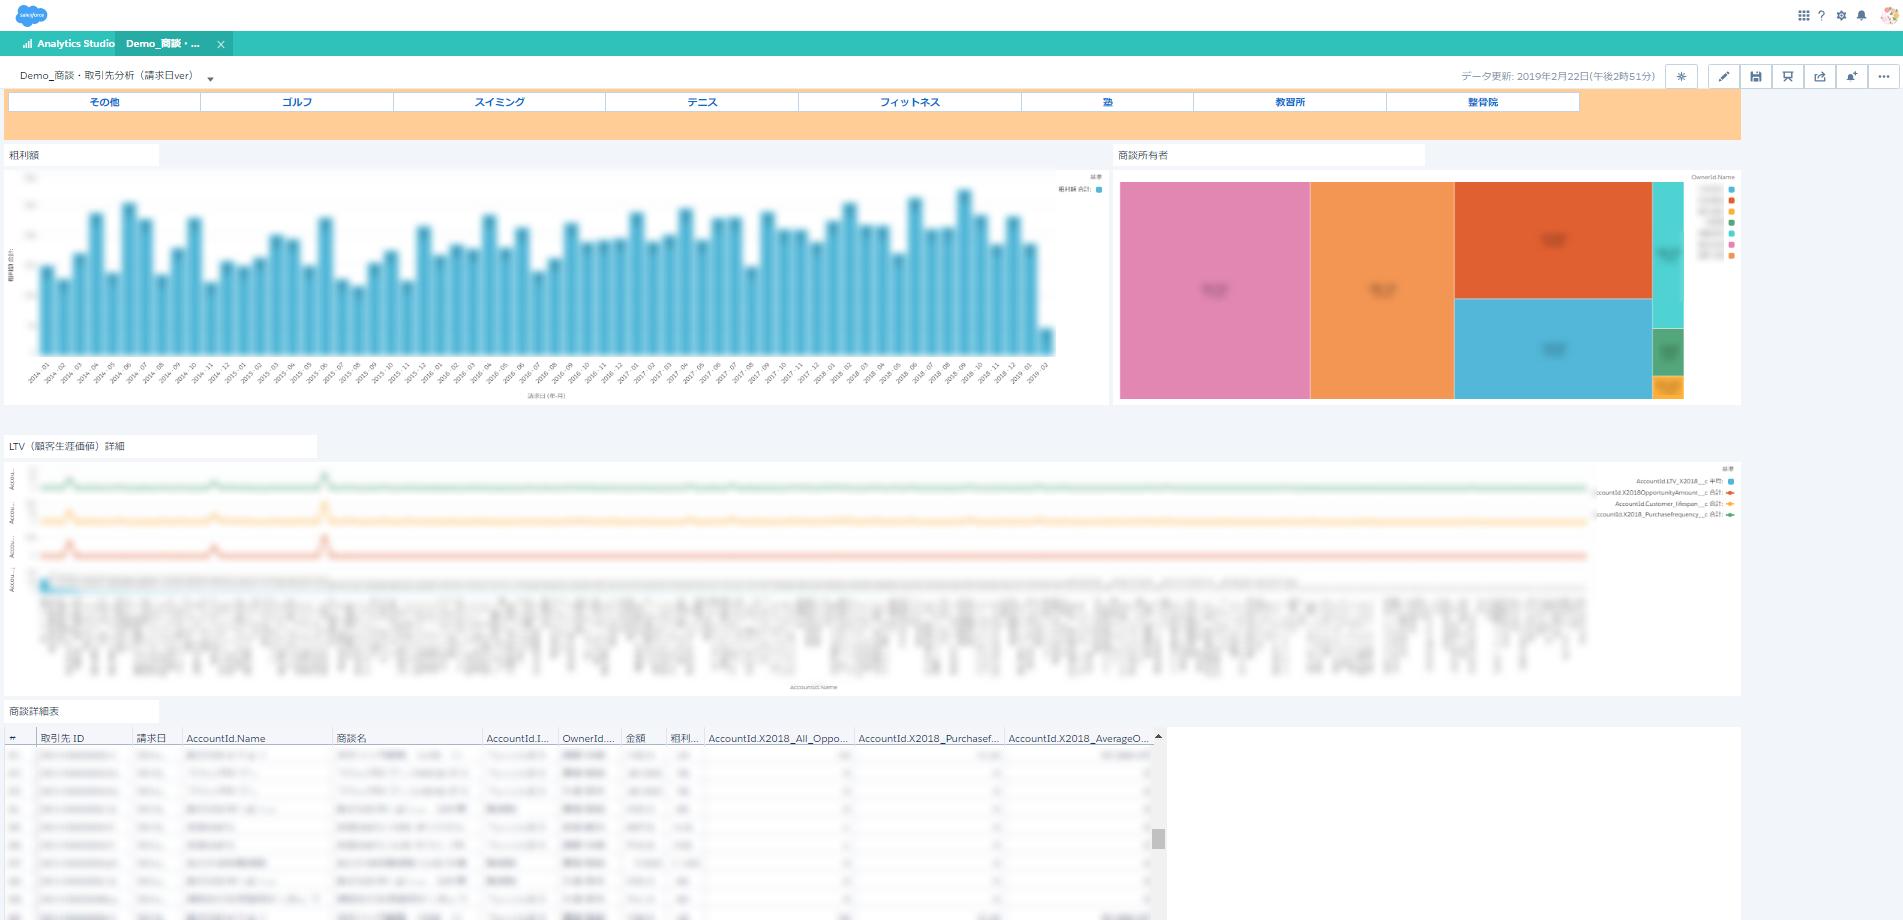 Einstein_Analytics_dashboard_02